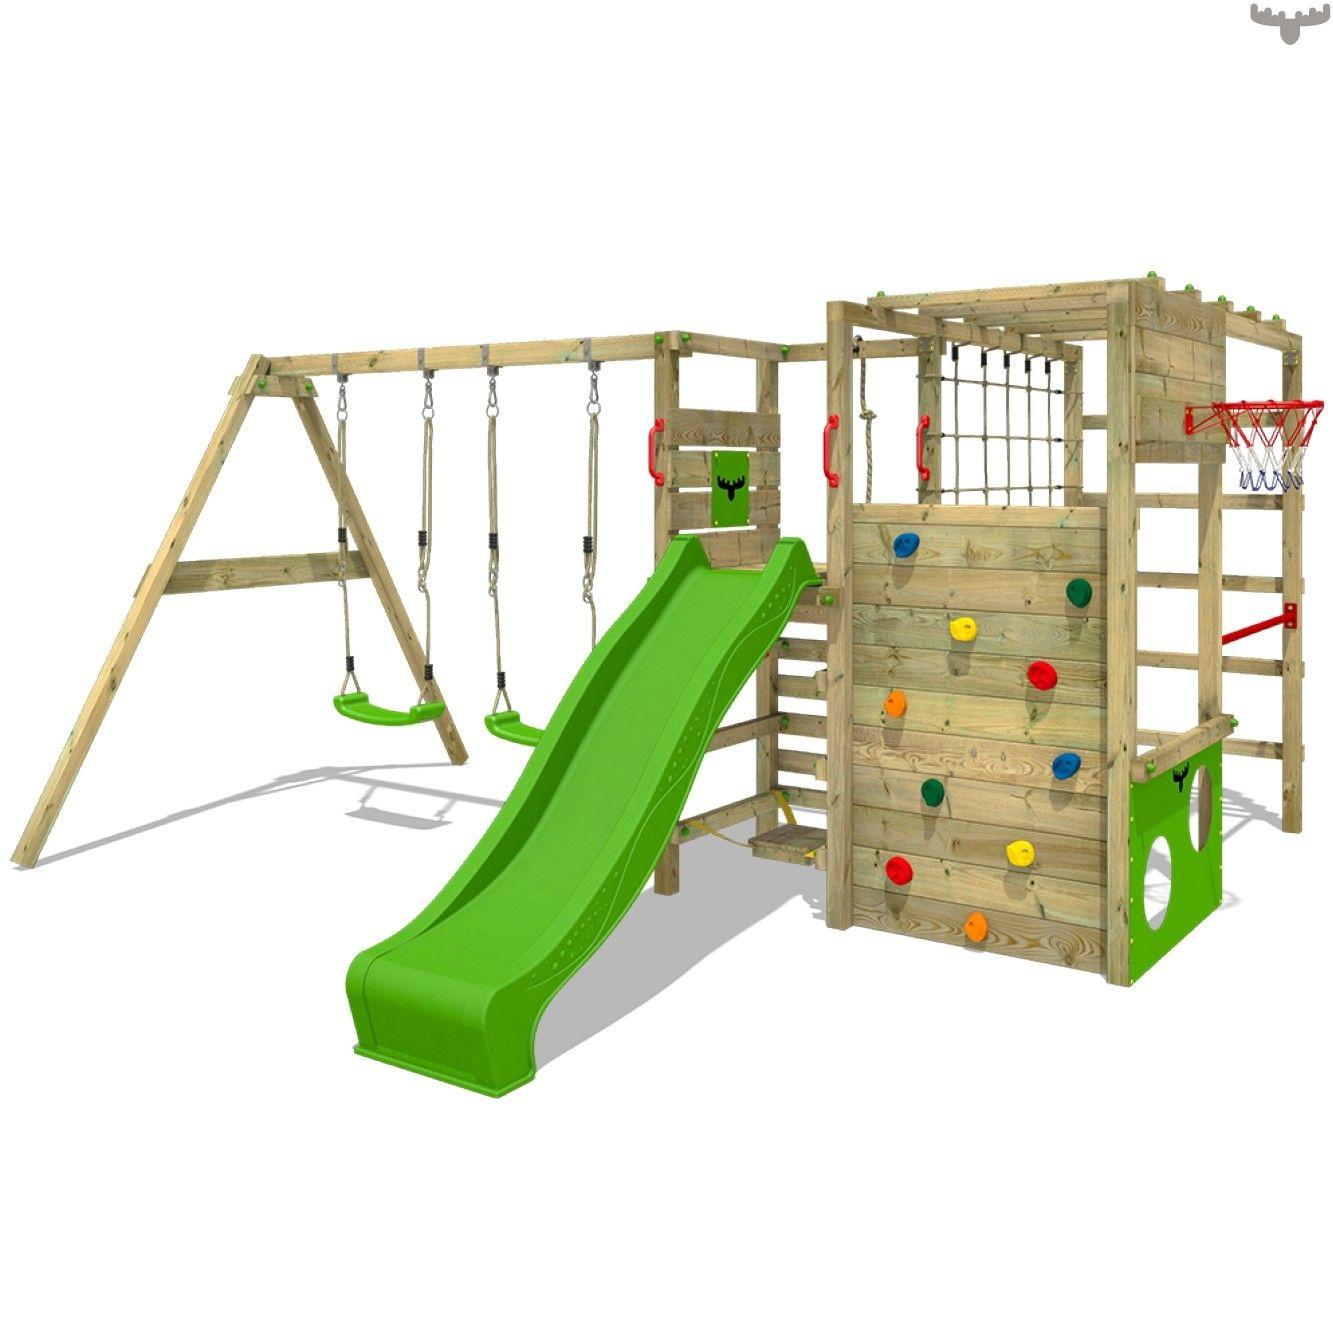 Dein Spielturm Fur Den Garten Nach Skandinavischem Design Spannende Aufbaumoglichkeiten Mit Rutsche Schaukel Sandkasten 10 Rutschkana Gungbrada Lekplats